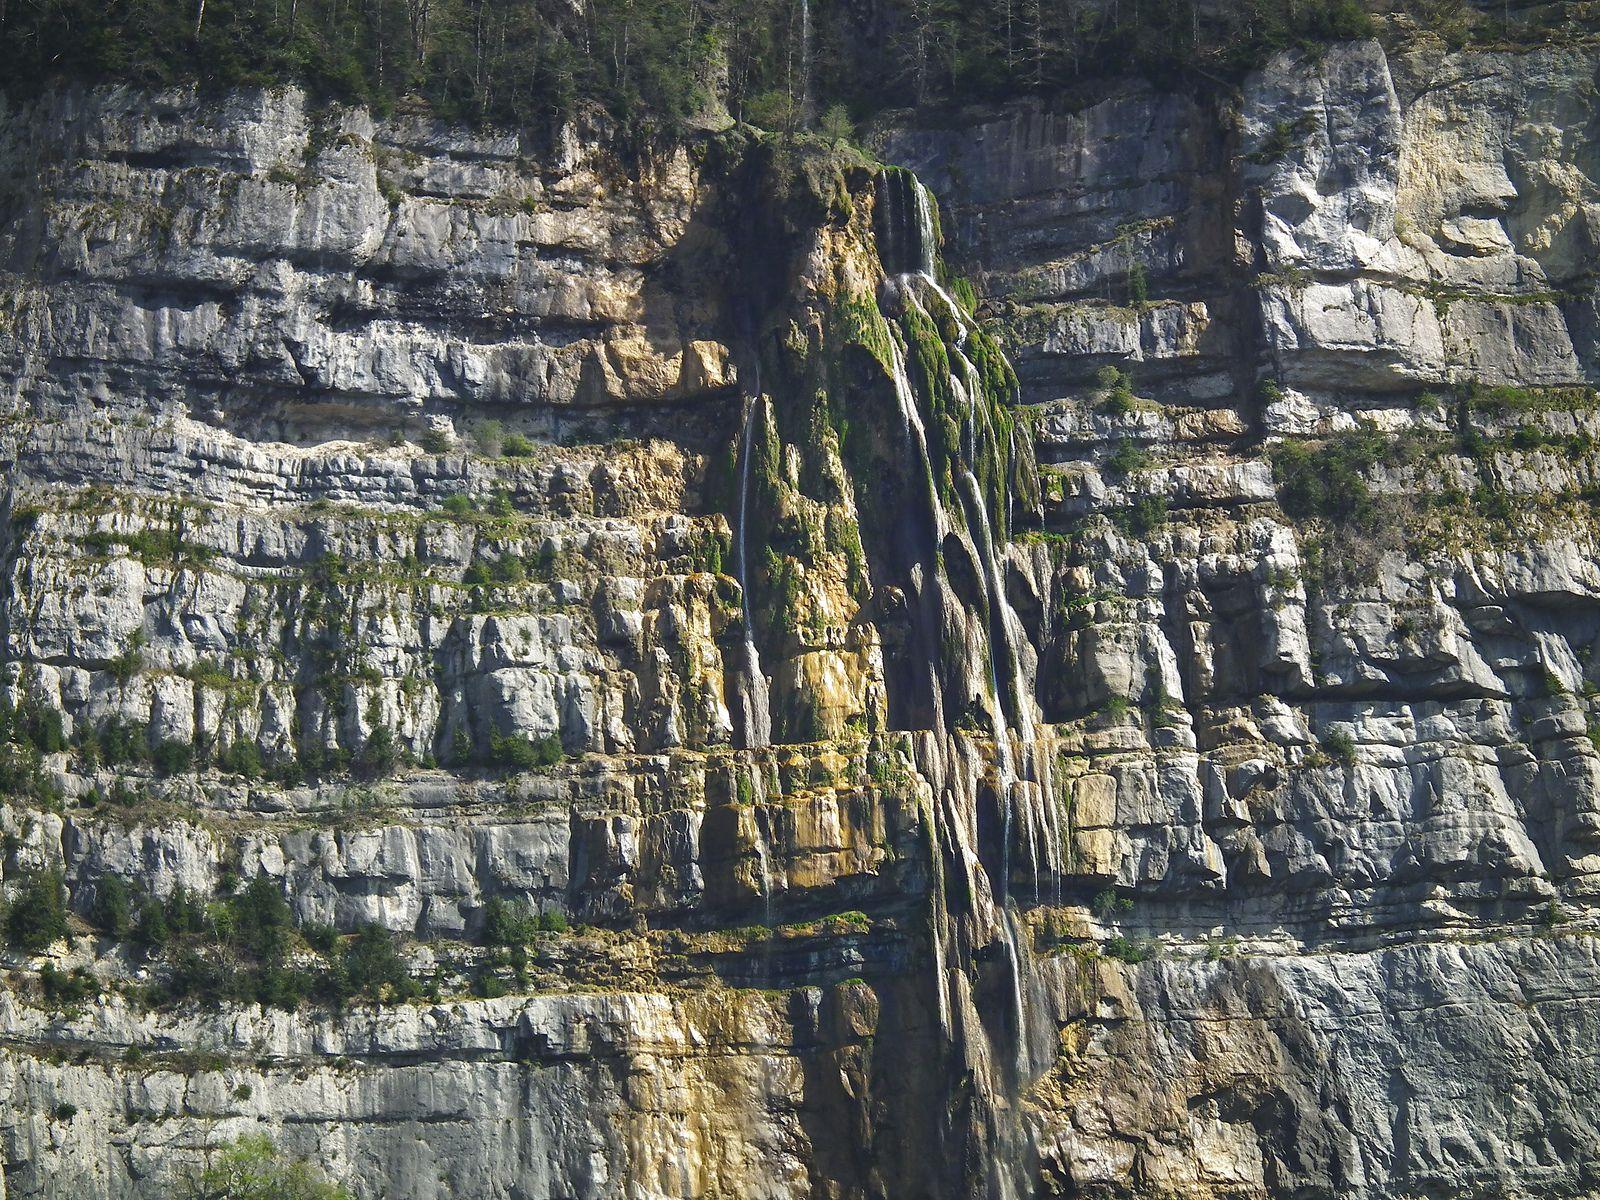 Le haut de la cascade et ses formations de tuf prise au télé-objectif depuis la route des grottes visitables de Choranche. On va descendre sur la gauche.